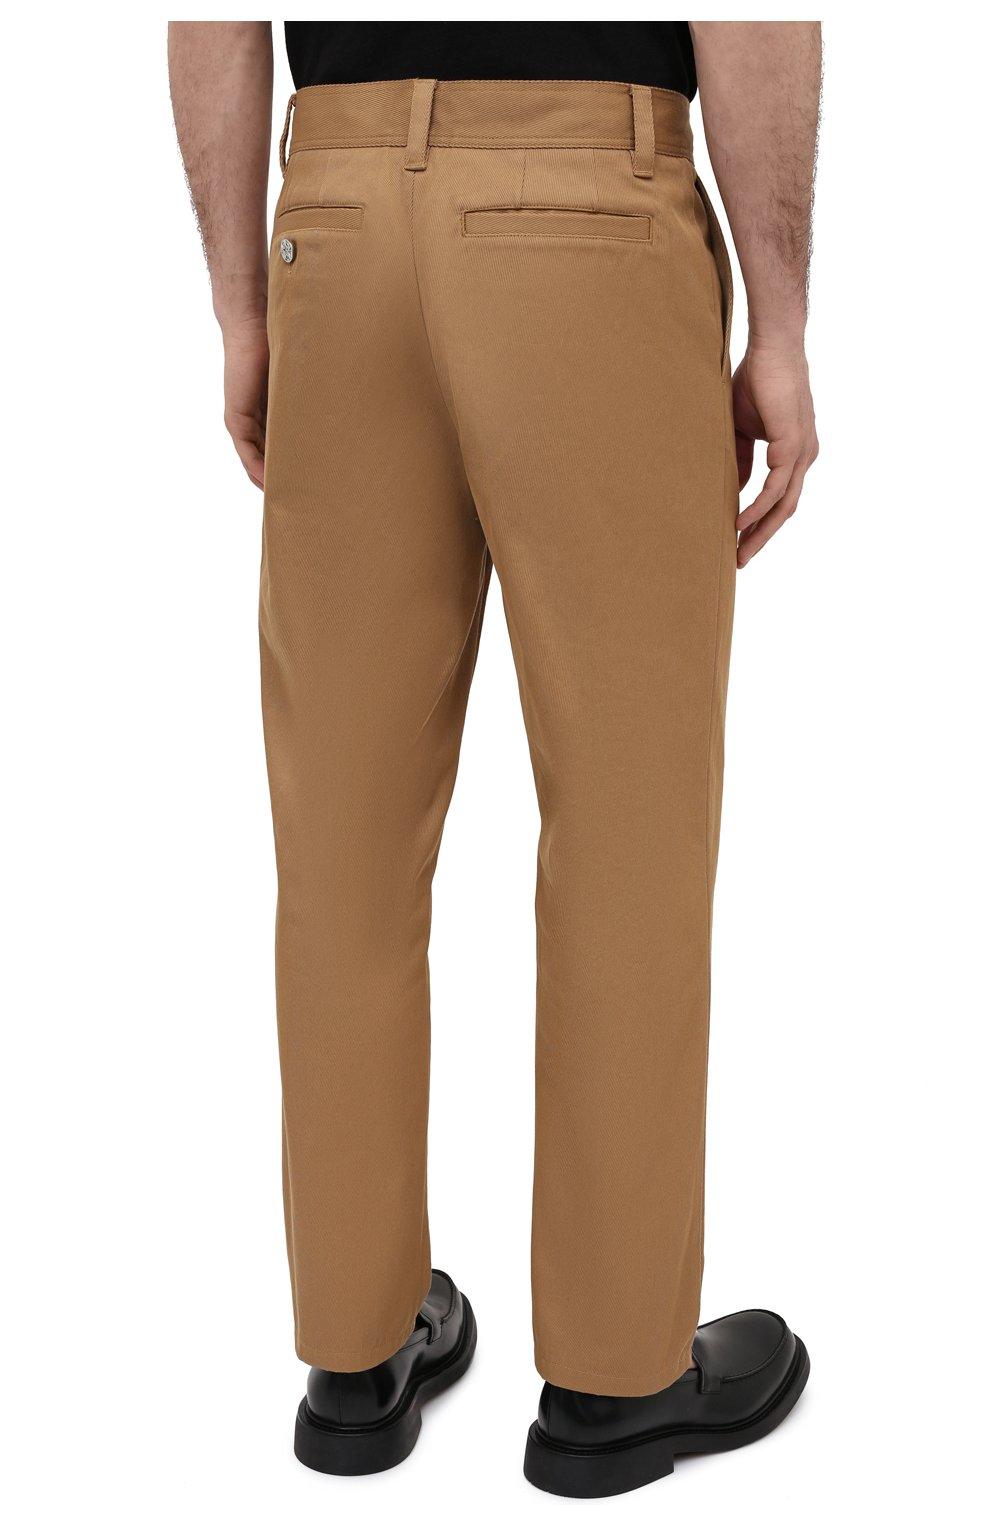 Мужские хлопковые брюки BURBERRY бежевого цвета, арт. 8036695   Фото 4 (Силуэт М (брюки): Чиносы; Длина (брюки, джинсы): Стандартные; Случай: Повседневный; Материал внешний: Хлопок; Стили: Кэжуэл)